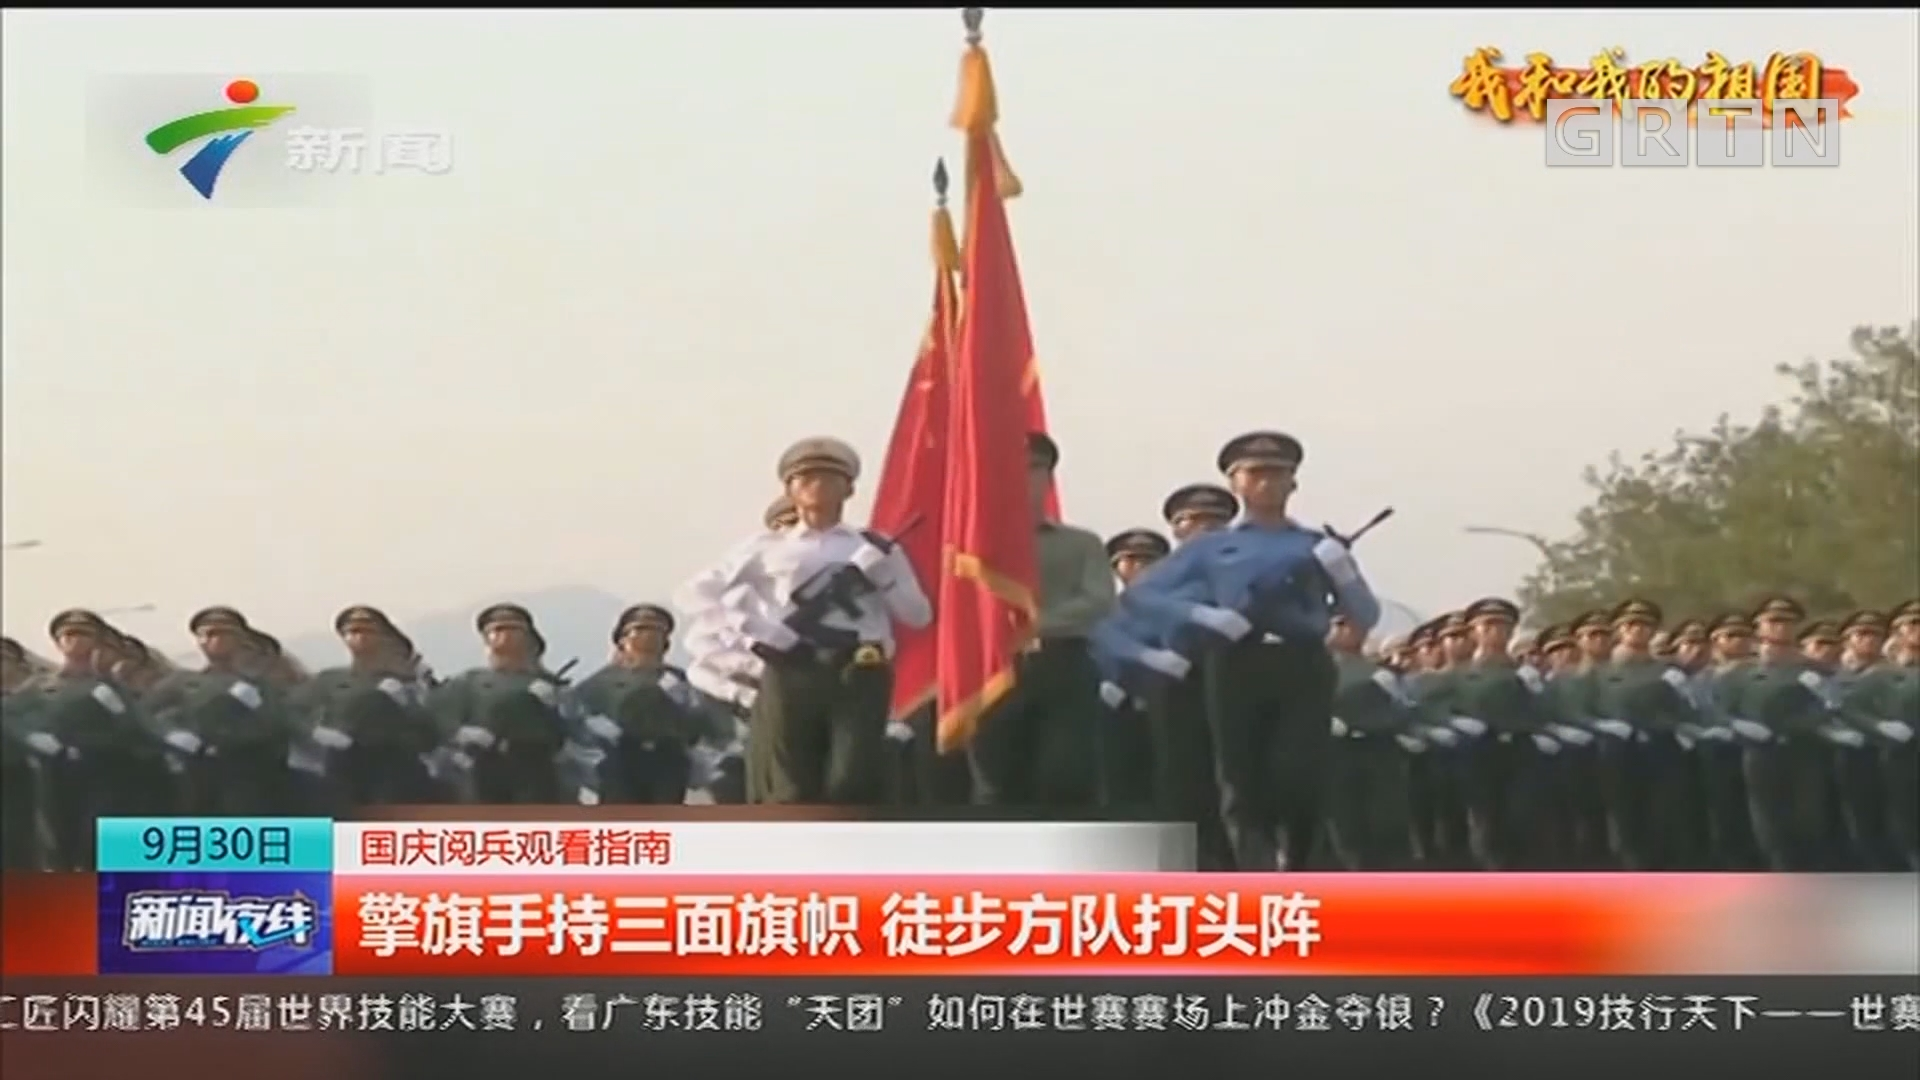 国庆阅兵观看指南 擎旗手持三面旗帜 徒步方队打头阵